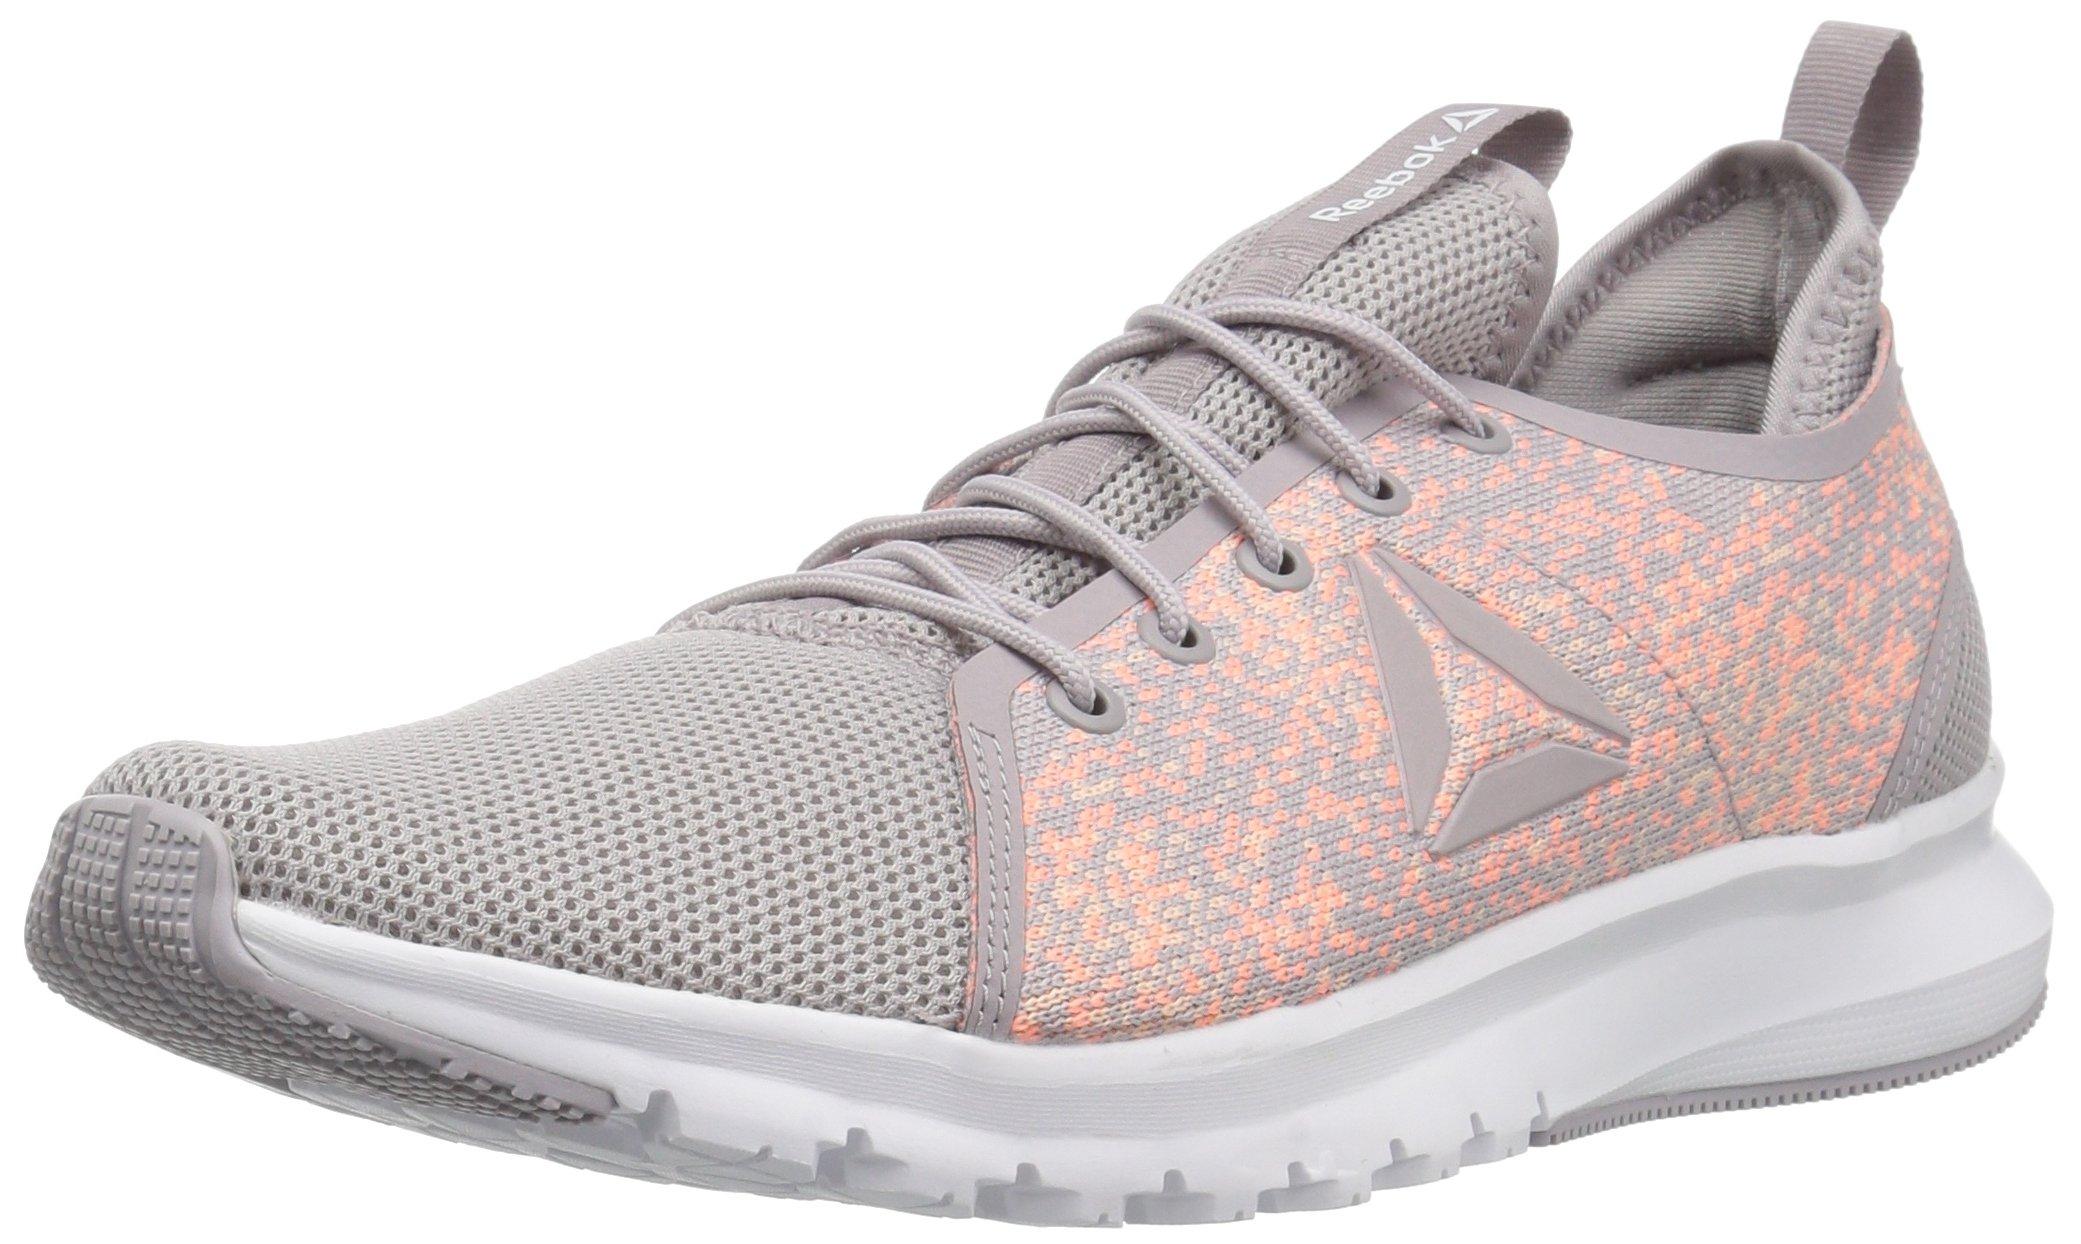 Reebok Women's Plus Lite Ti Track Shoe